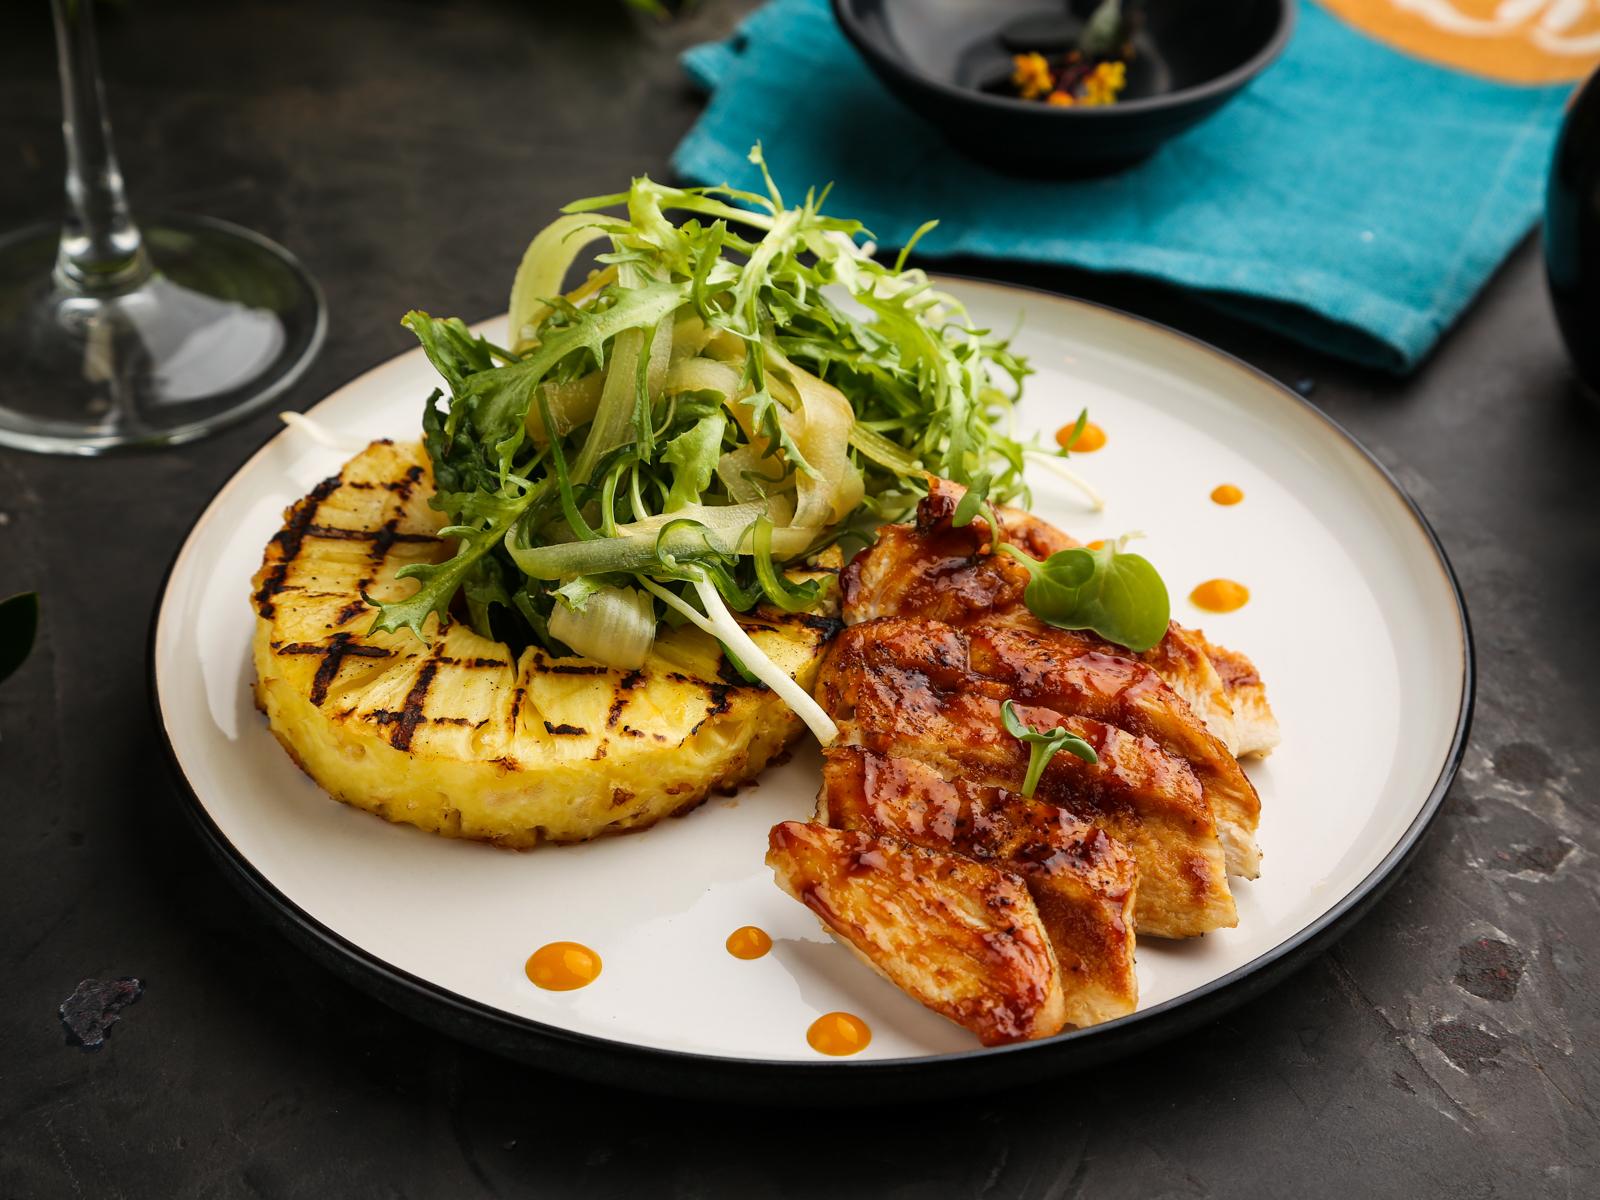 Теплый салат с грудкой цыпленка и ананасом гриль